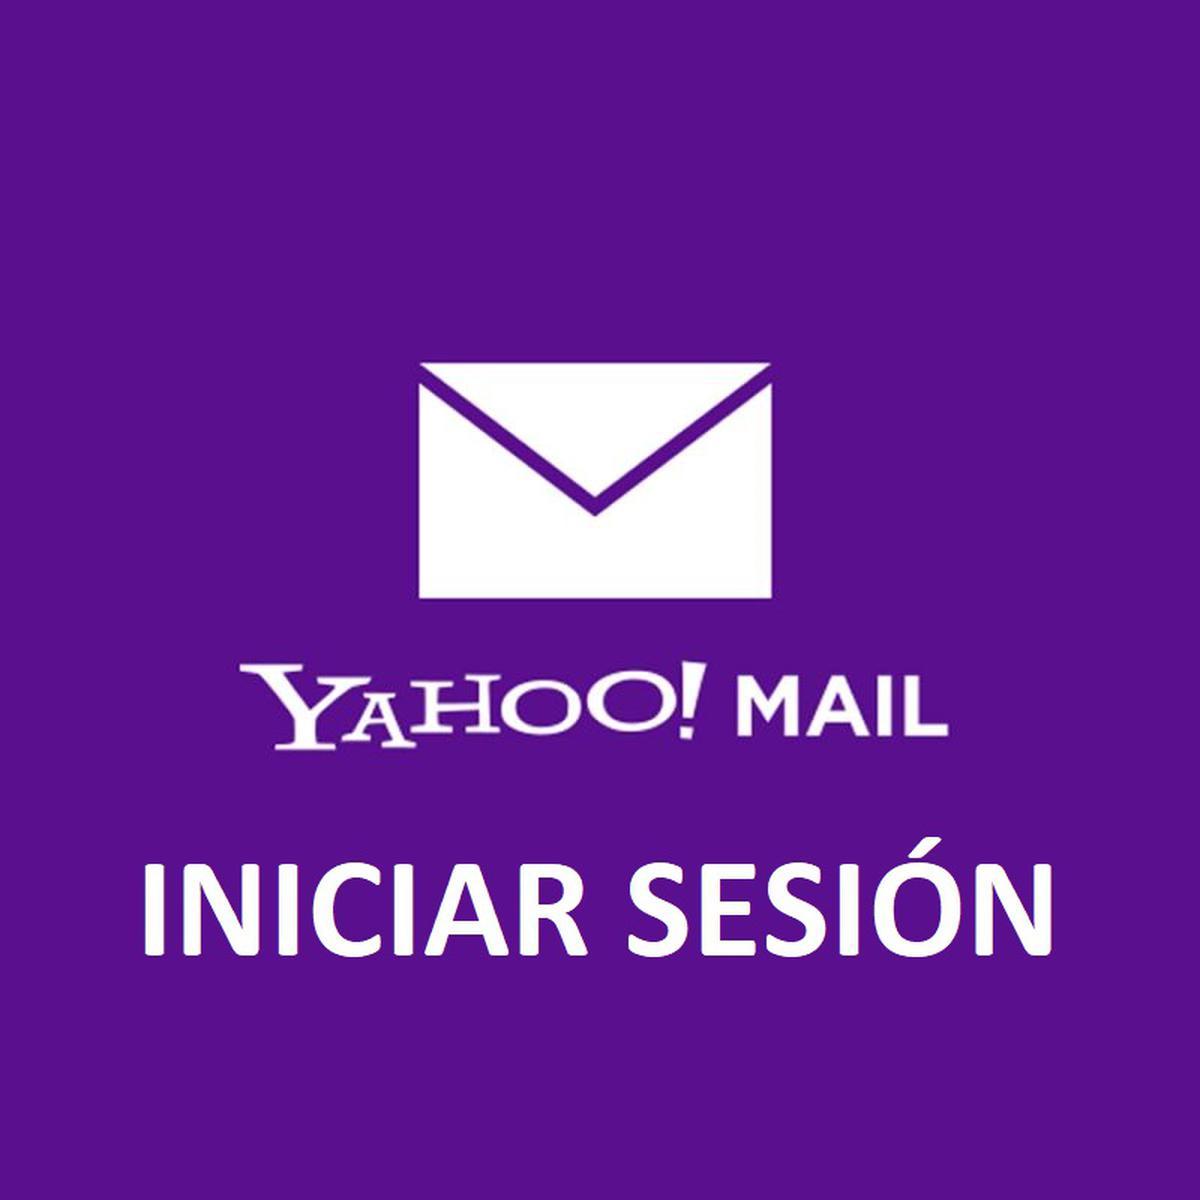 Yahoo! Mail iniciar sesión